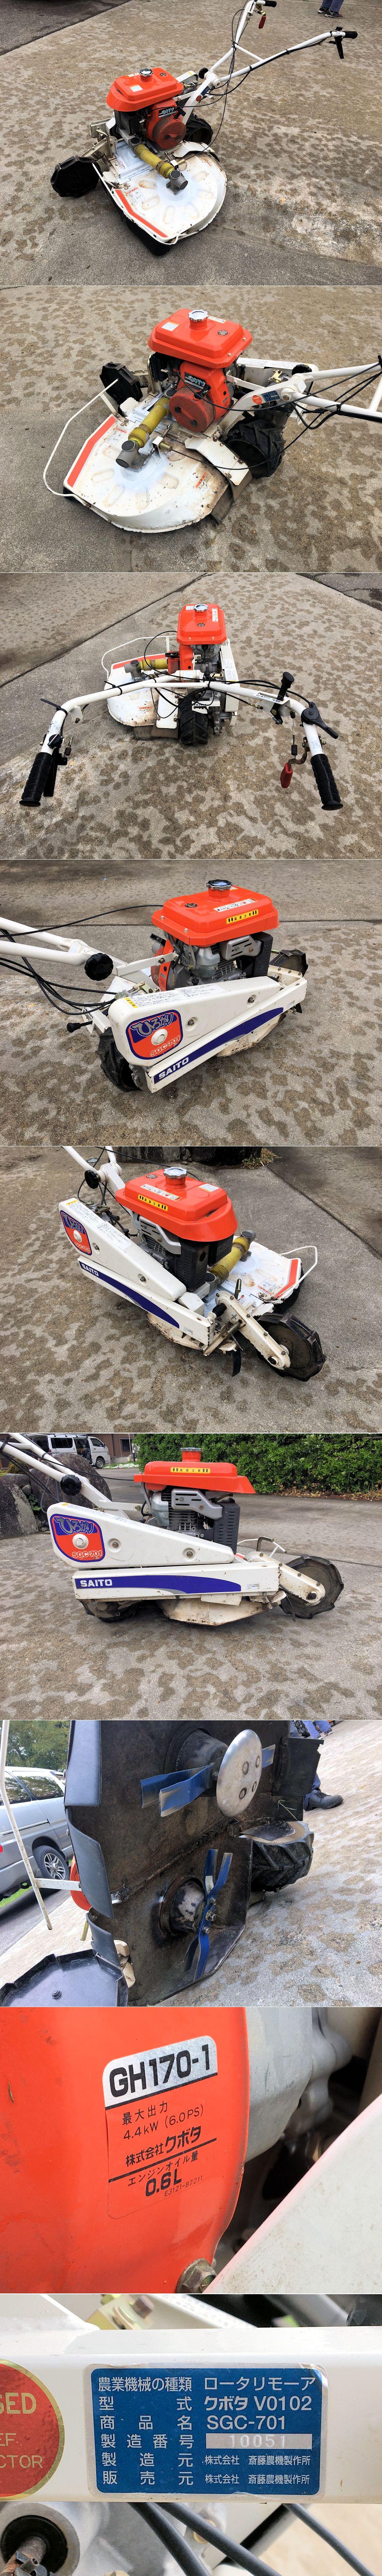 クボタ 齋藤農機製作所 ロータリーモア 2駆 畦(あぜ)草刈機 SGC-701 6馬力 整備済 実働品 中古